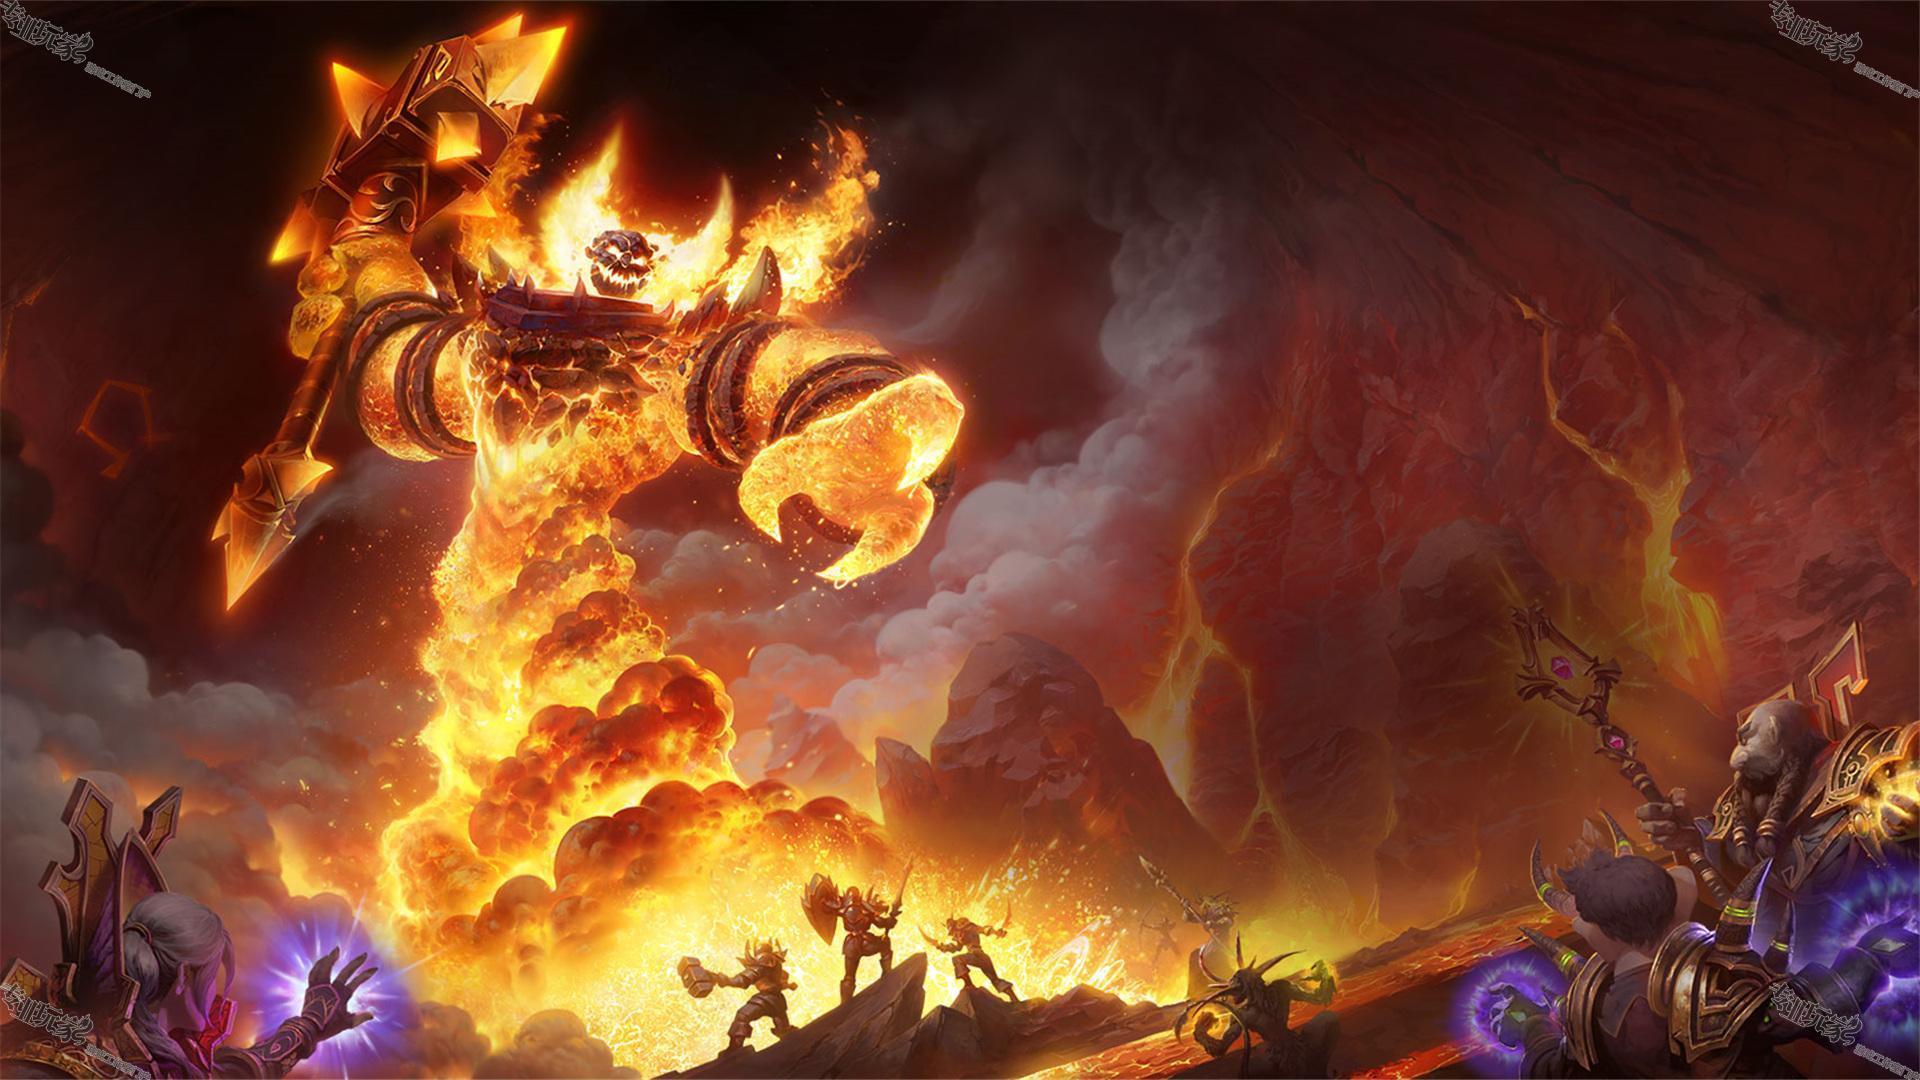 【魔兽世界】骷髅法师降临,9.0法师盟约技能介绍(魔兽世界版本前瞻)